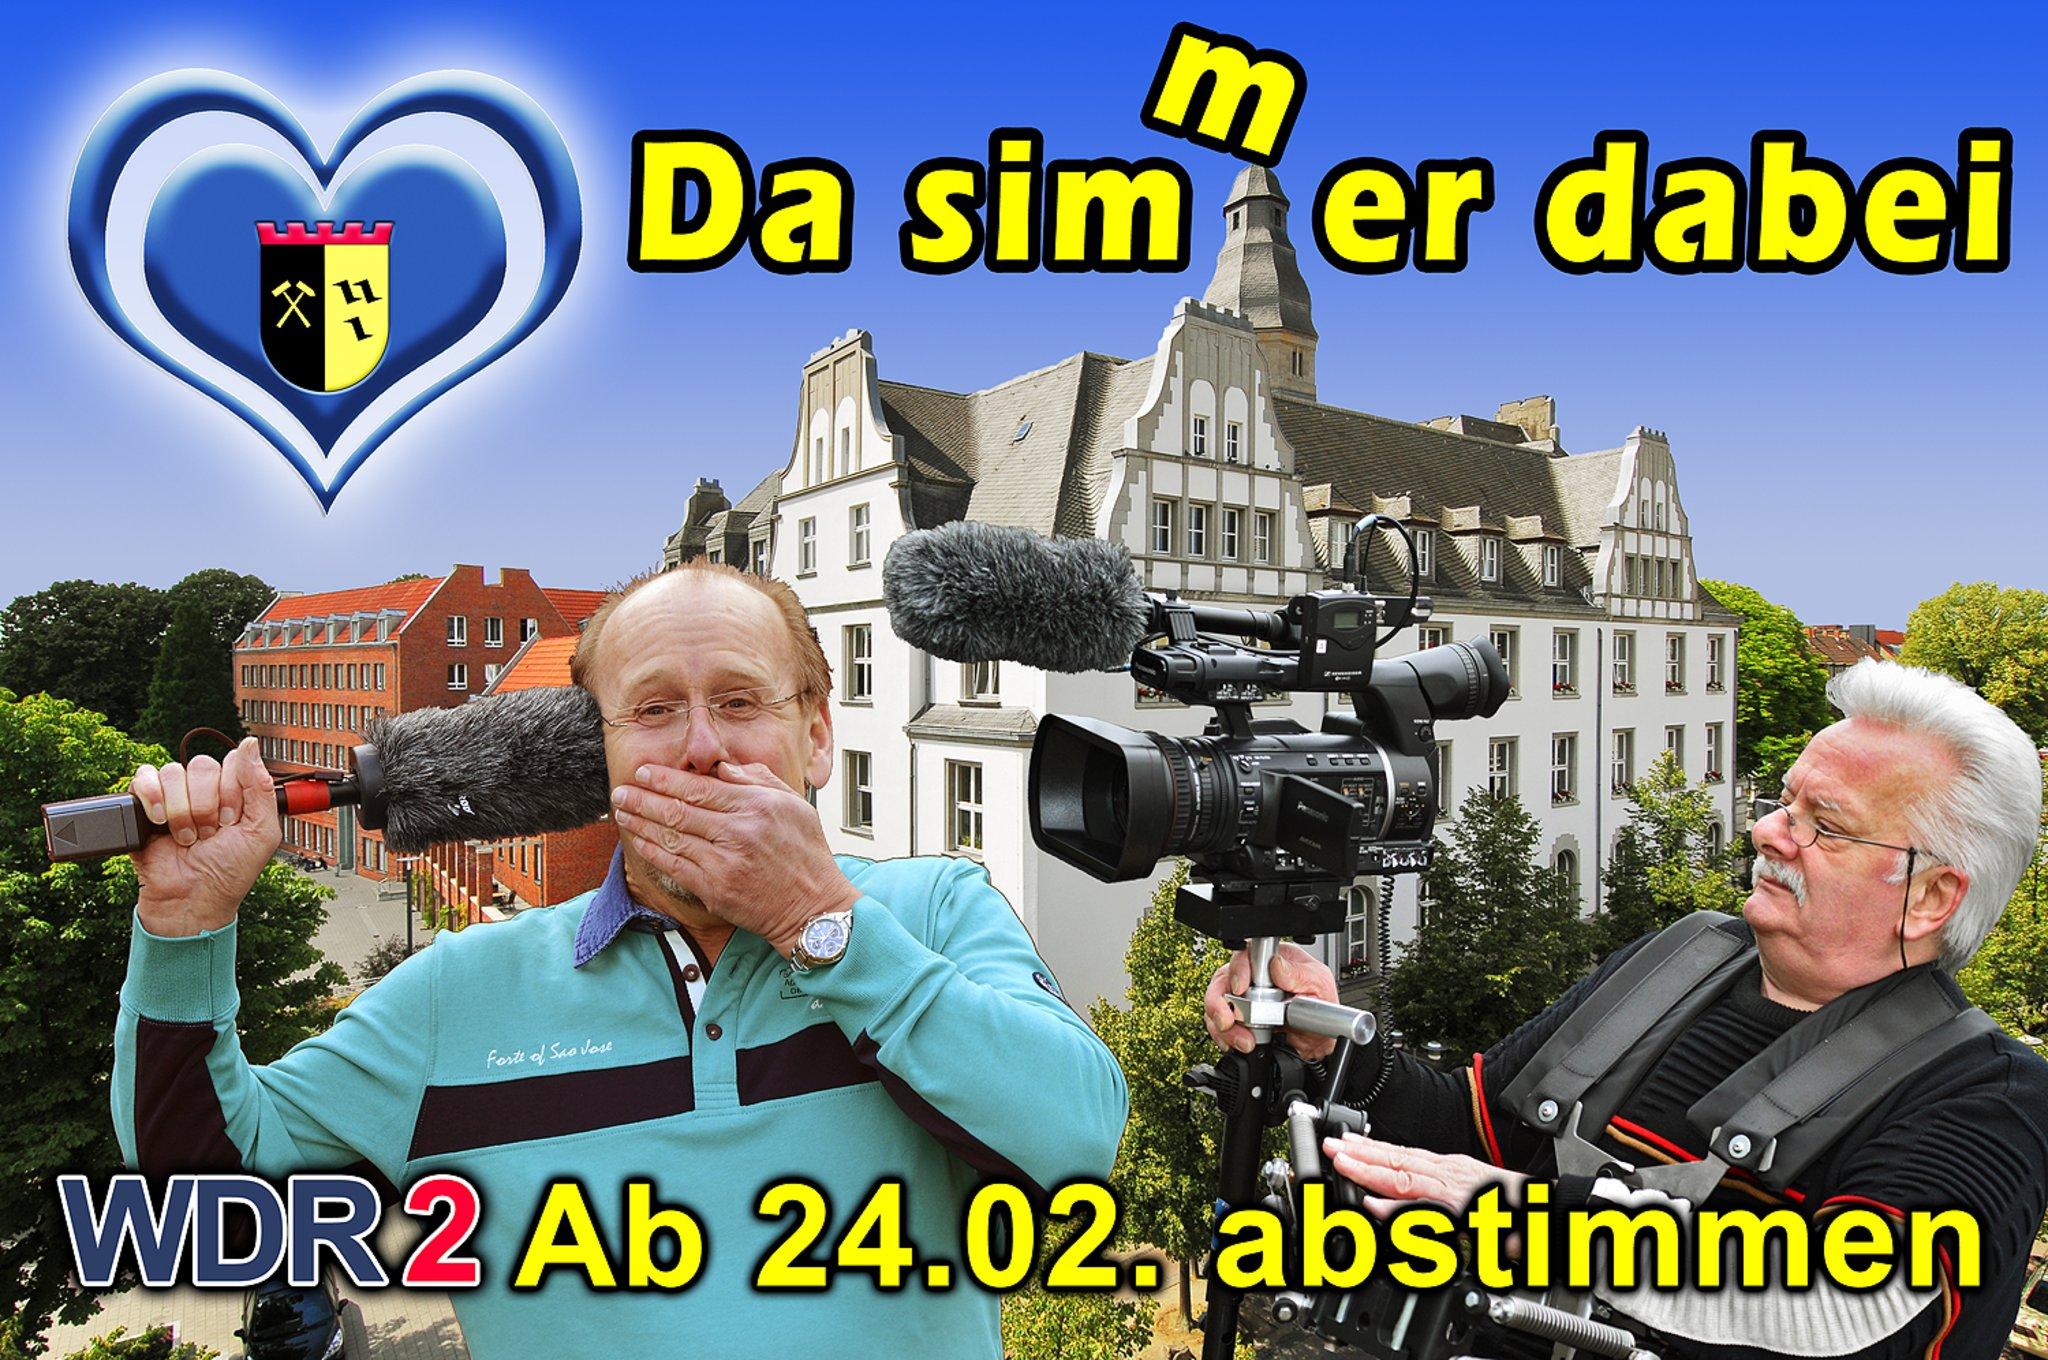 Wdr2 Für Eine Stadt Gladbeck